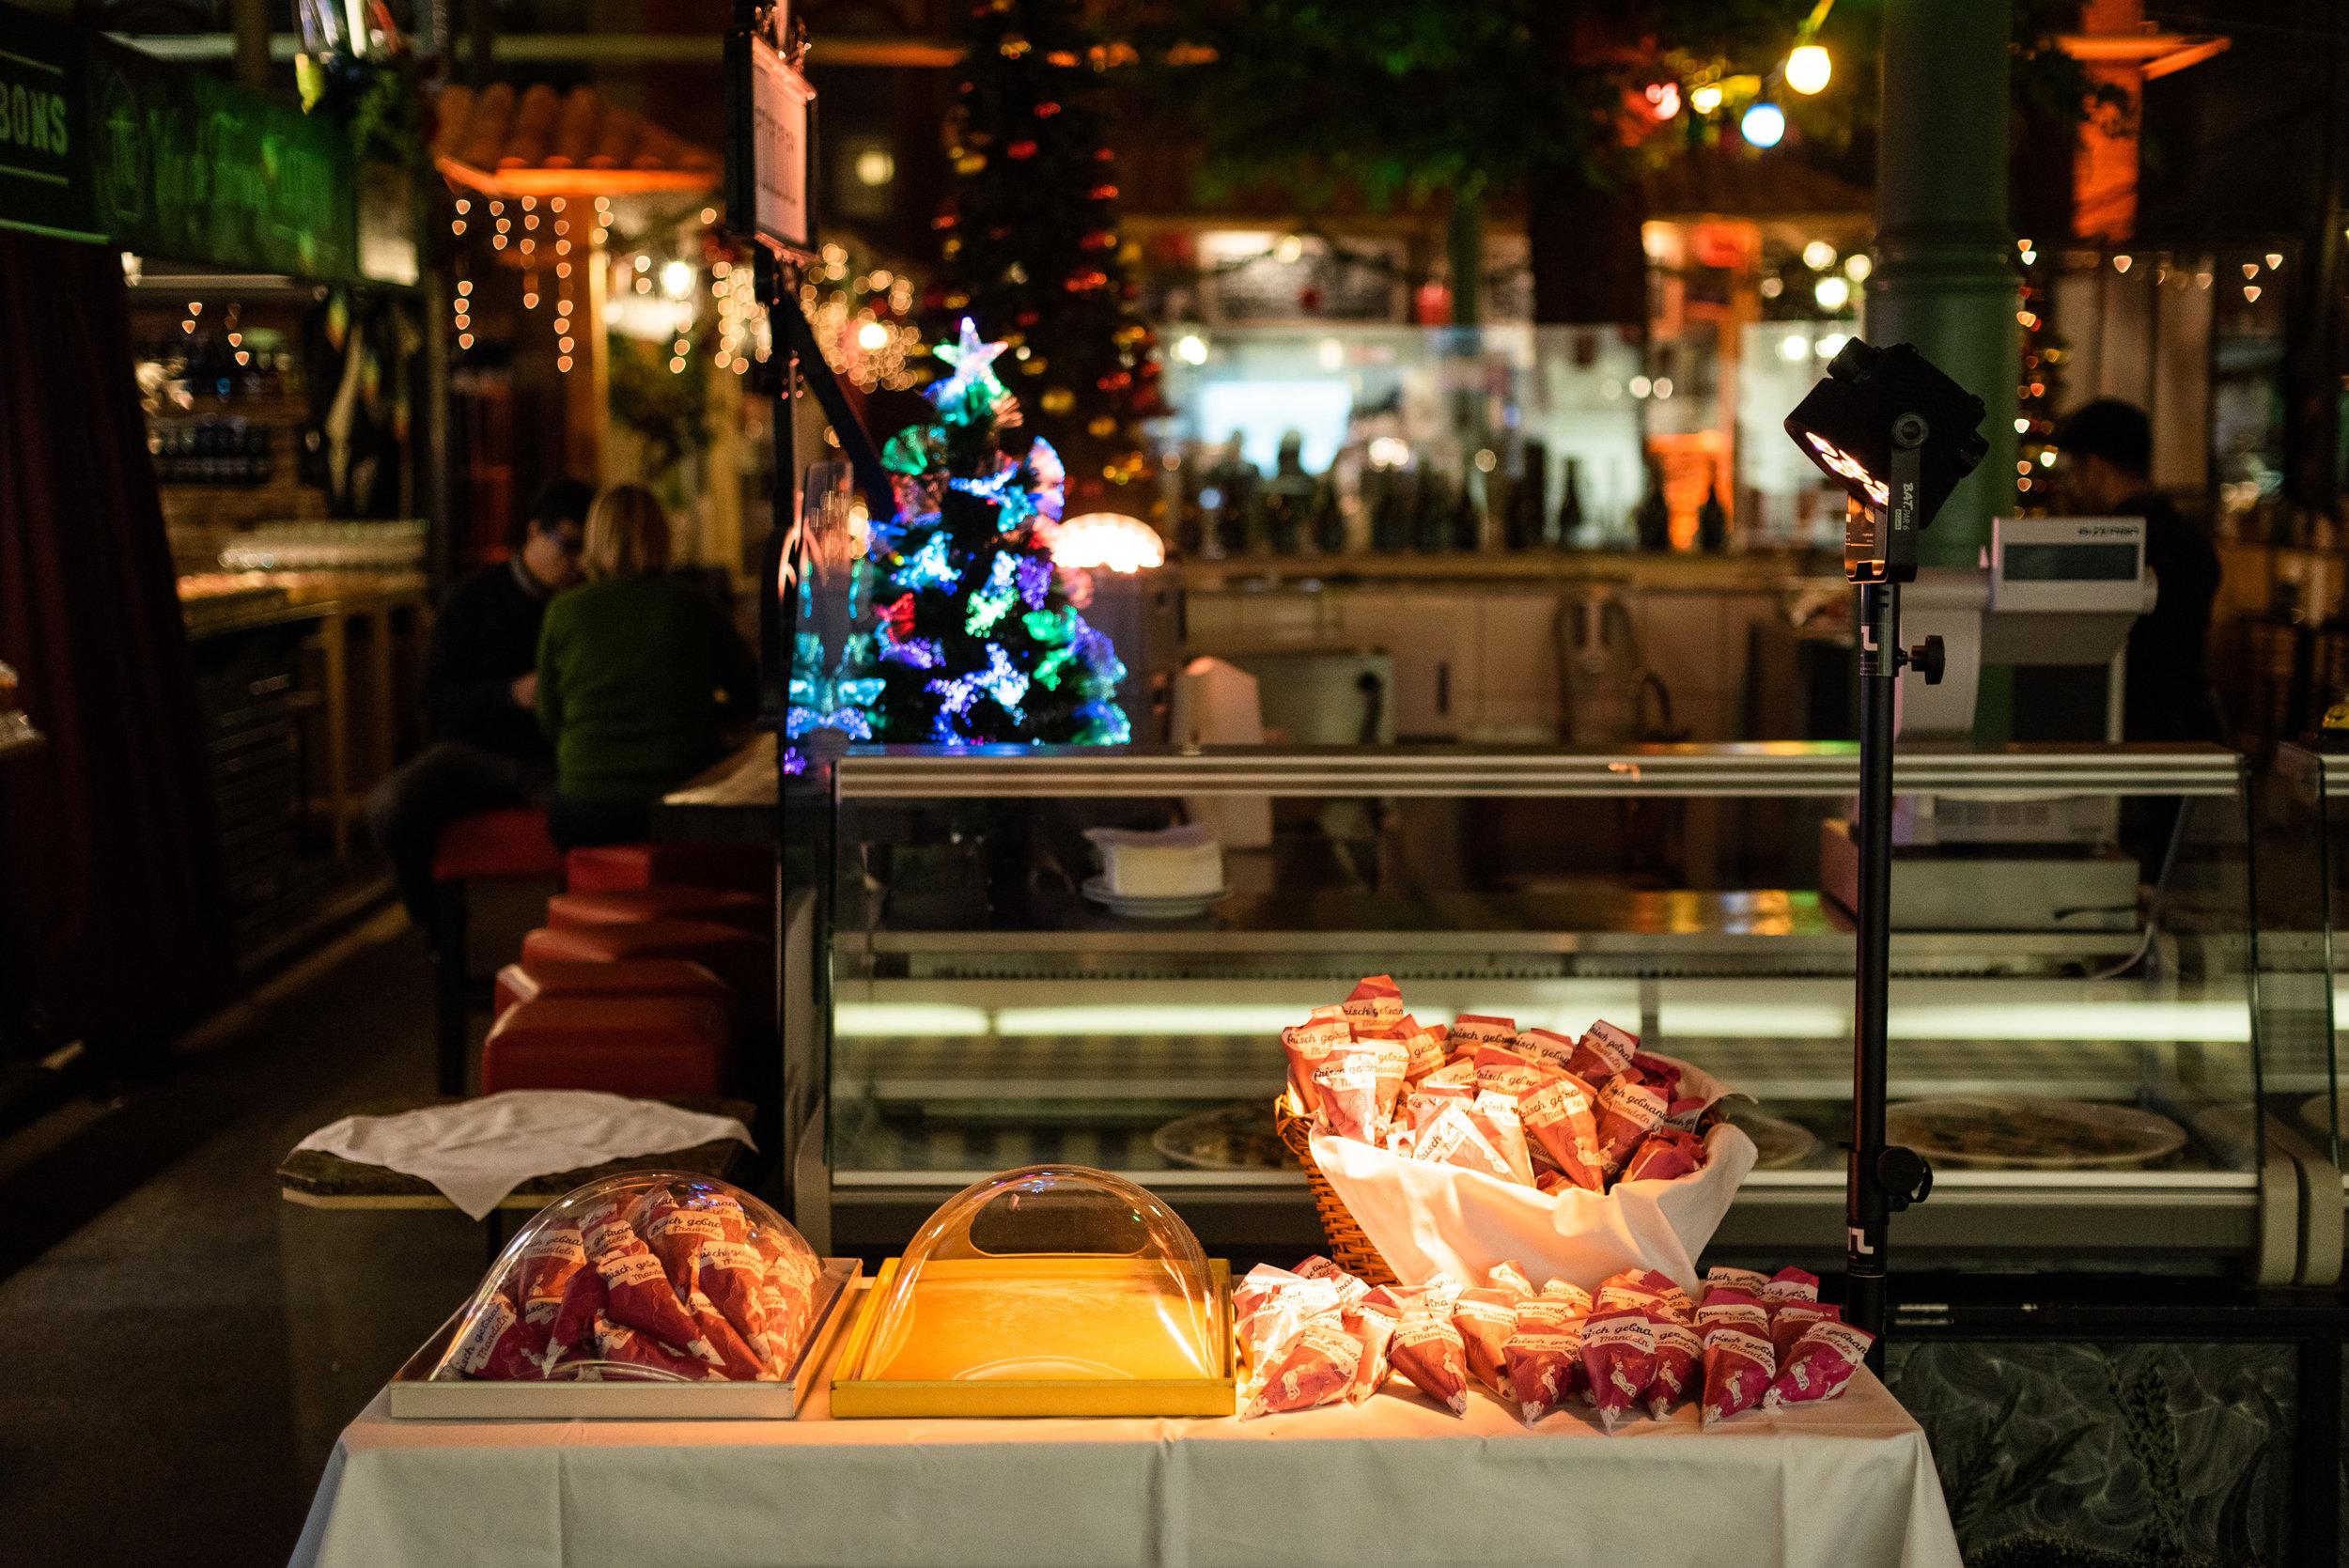 Tilman-Vogler-Fotografie-GYG-Christmas-Party-2018-013.jpg